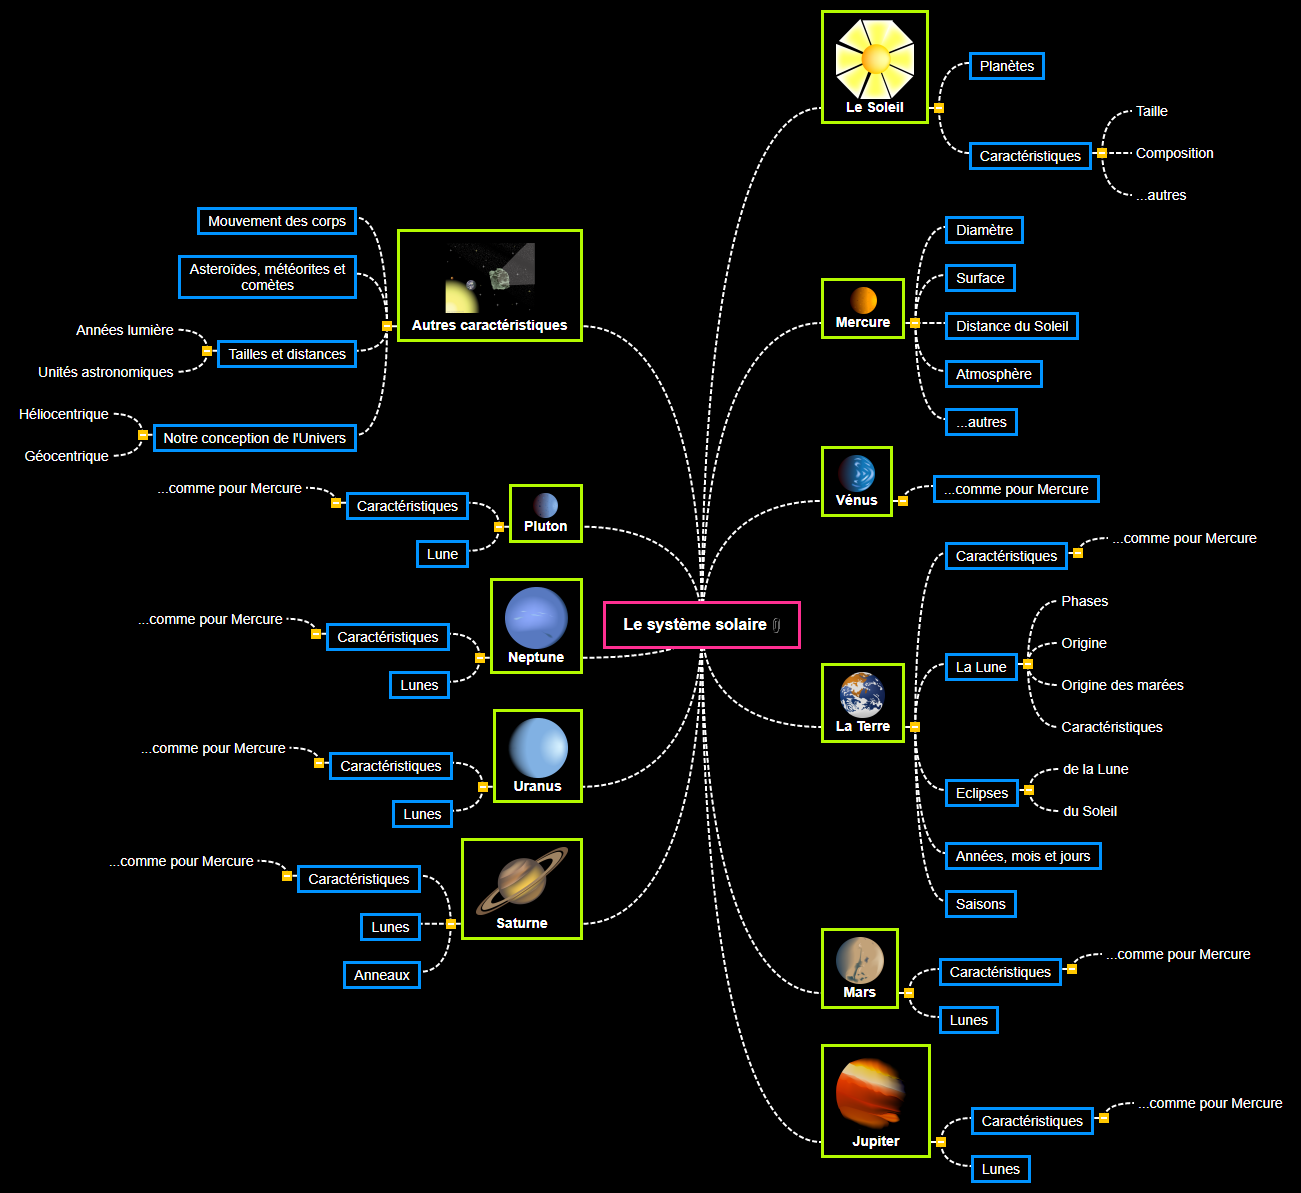 Le système solaire(2) Mind Map